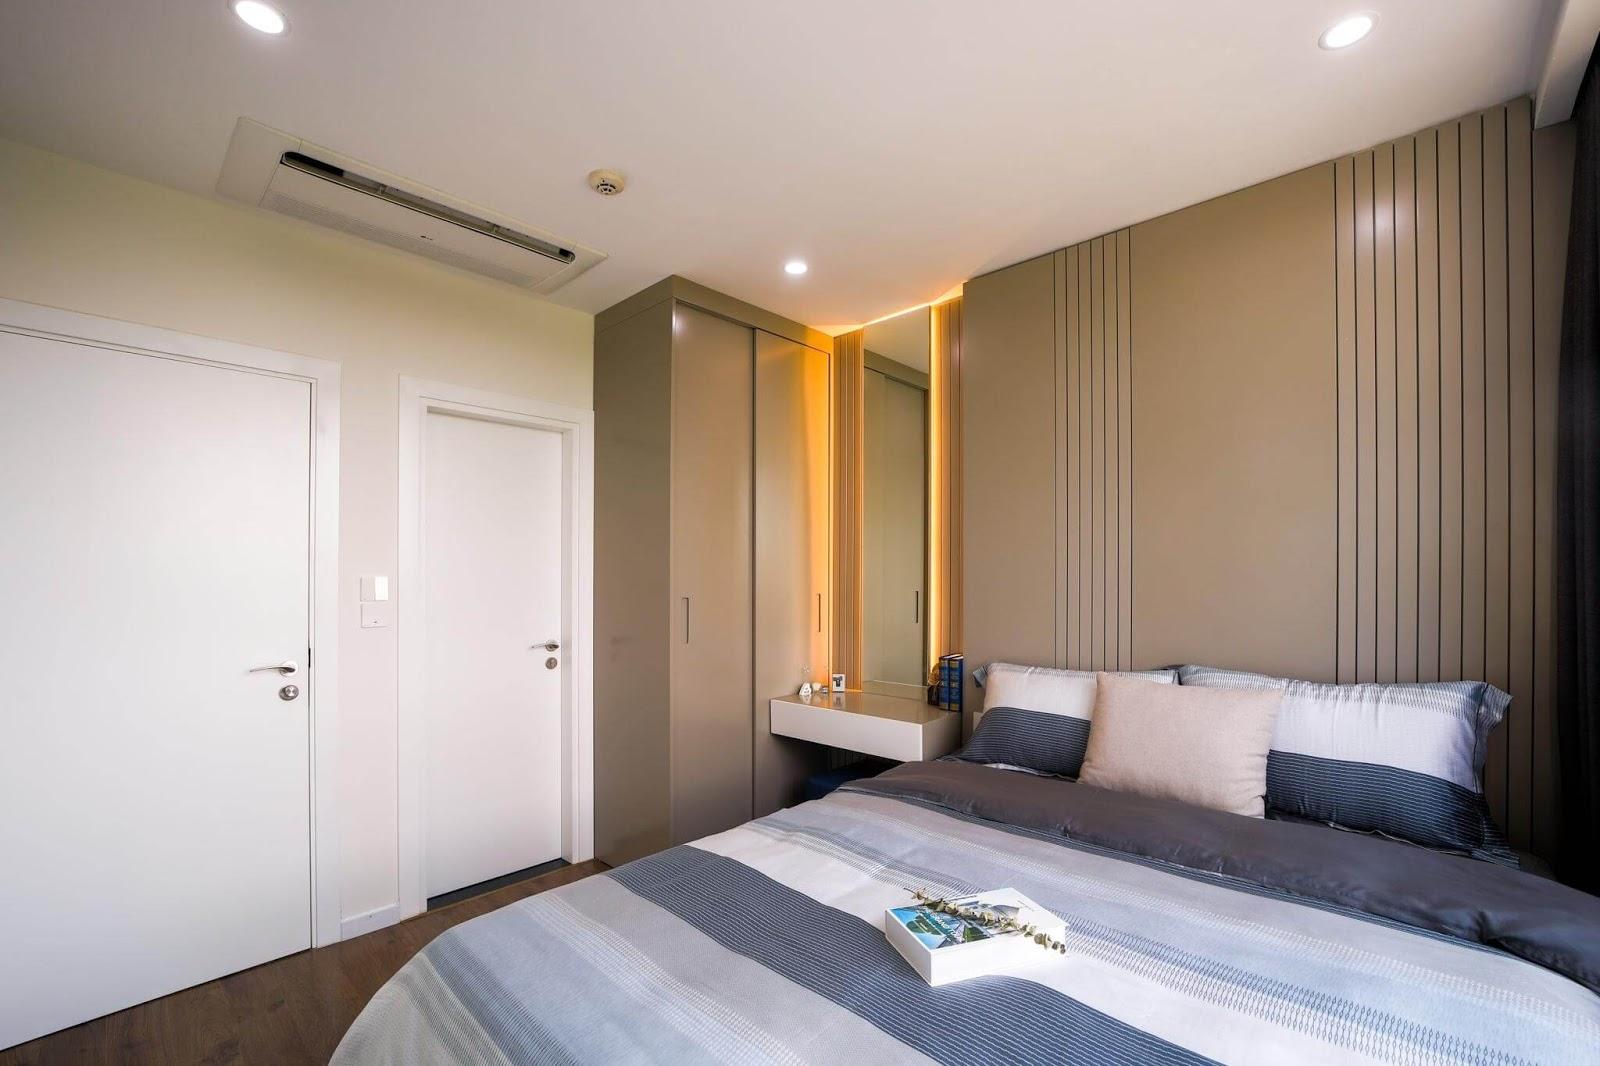 Góc nội thất trong phòng ngủ căn hộ An Quý Hưng.